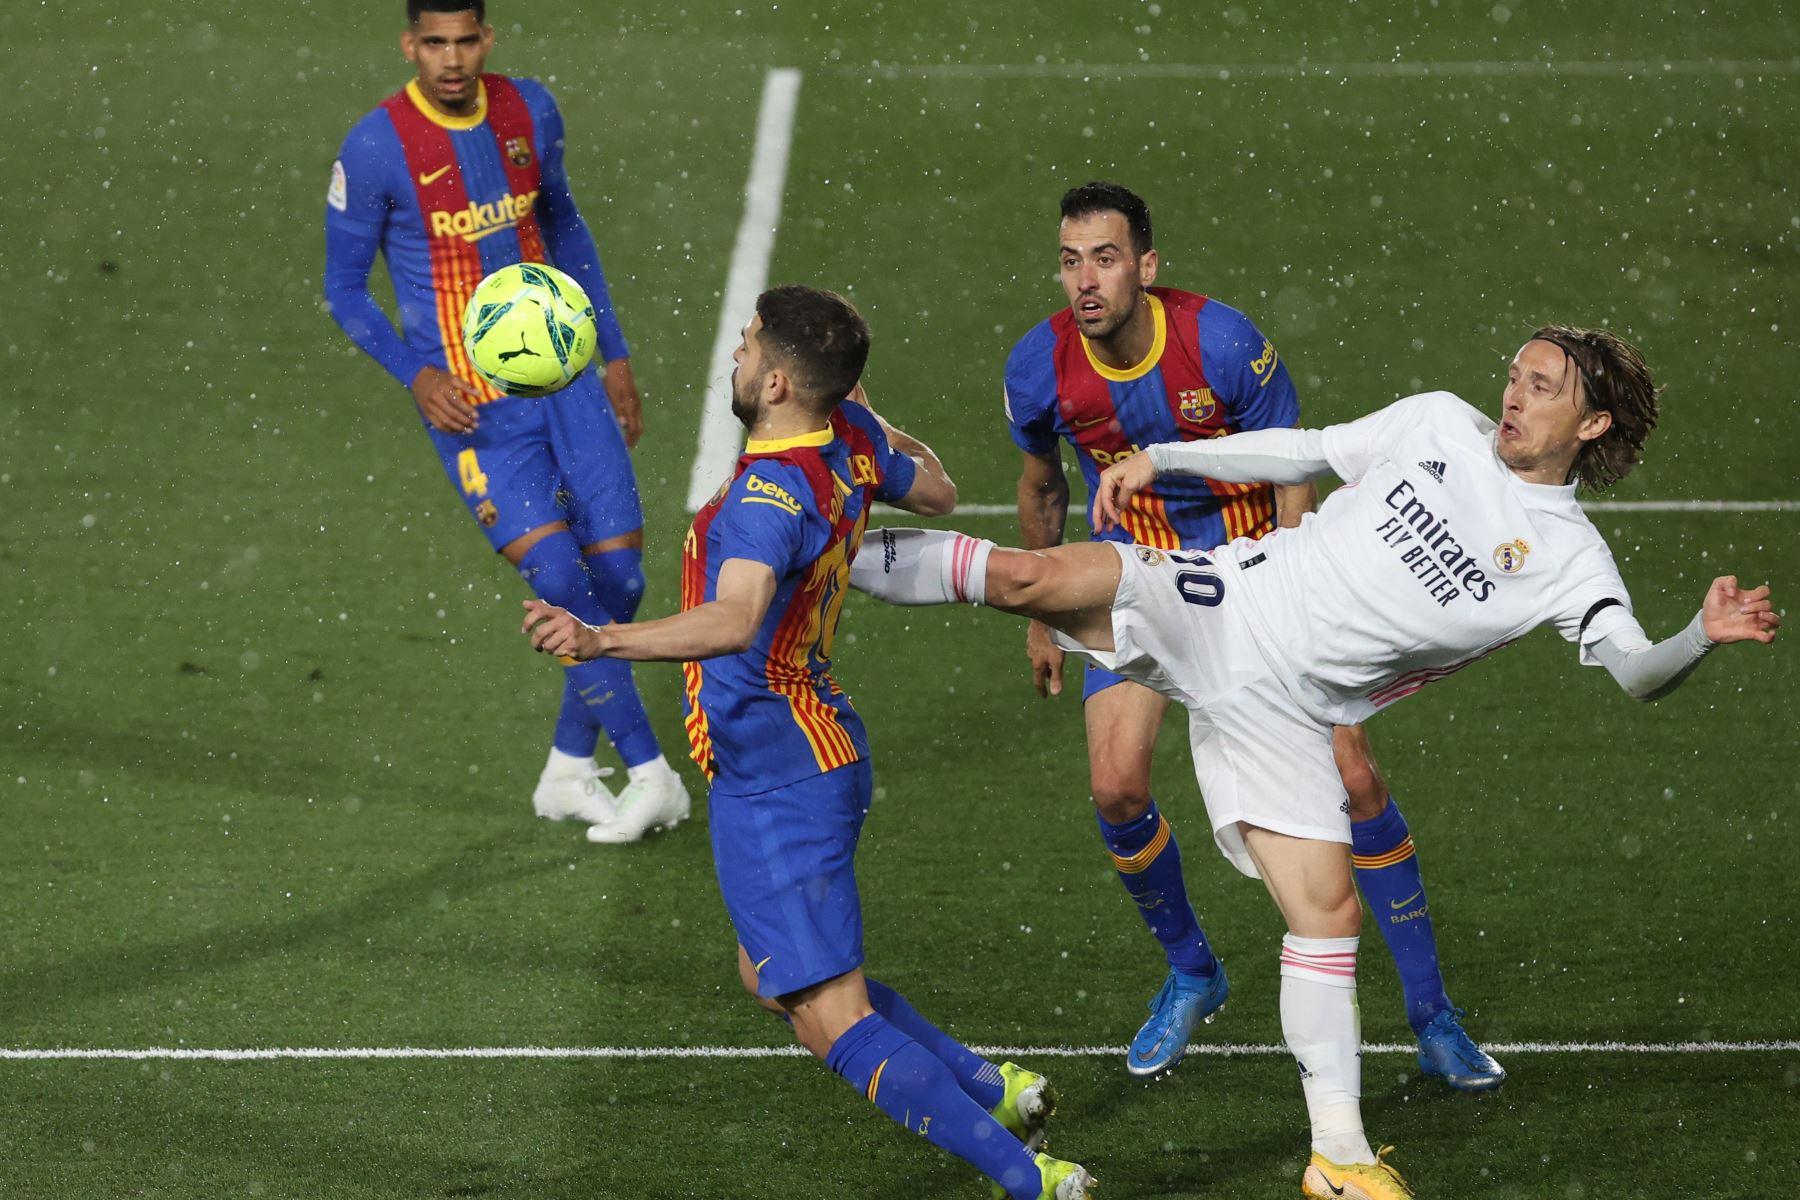 El defensa del FC Barcelona, Jordi Alba , intenta llevarse el balón ante el centrocampista croata del Real Madrid, Luka Modric, durante el encuentro correspondiente a la jornada 30 de primera división. Foto: EFE